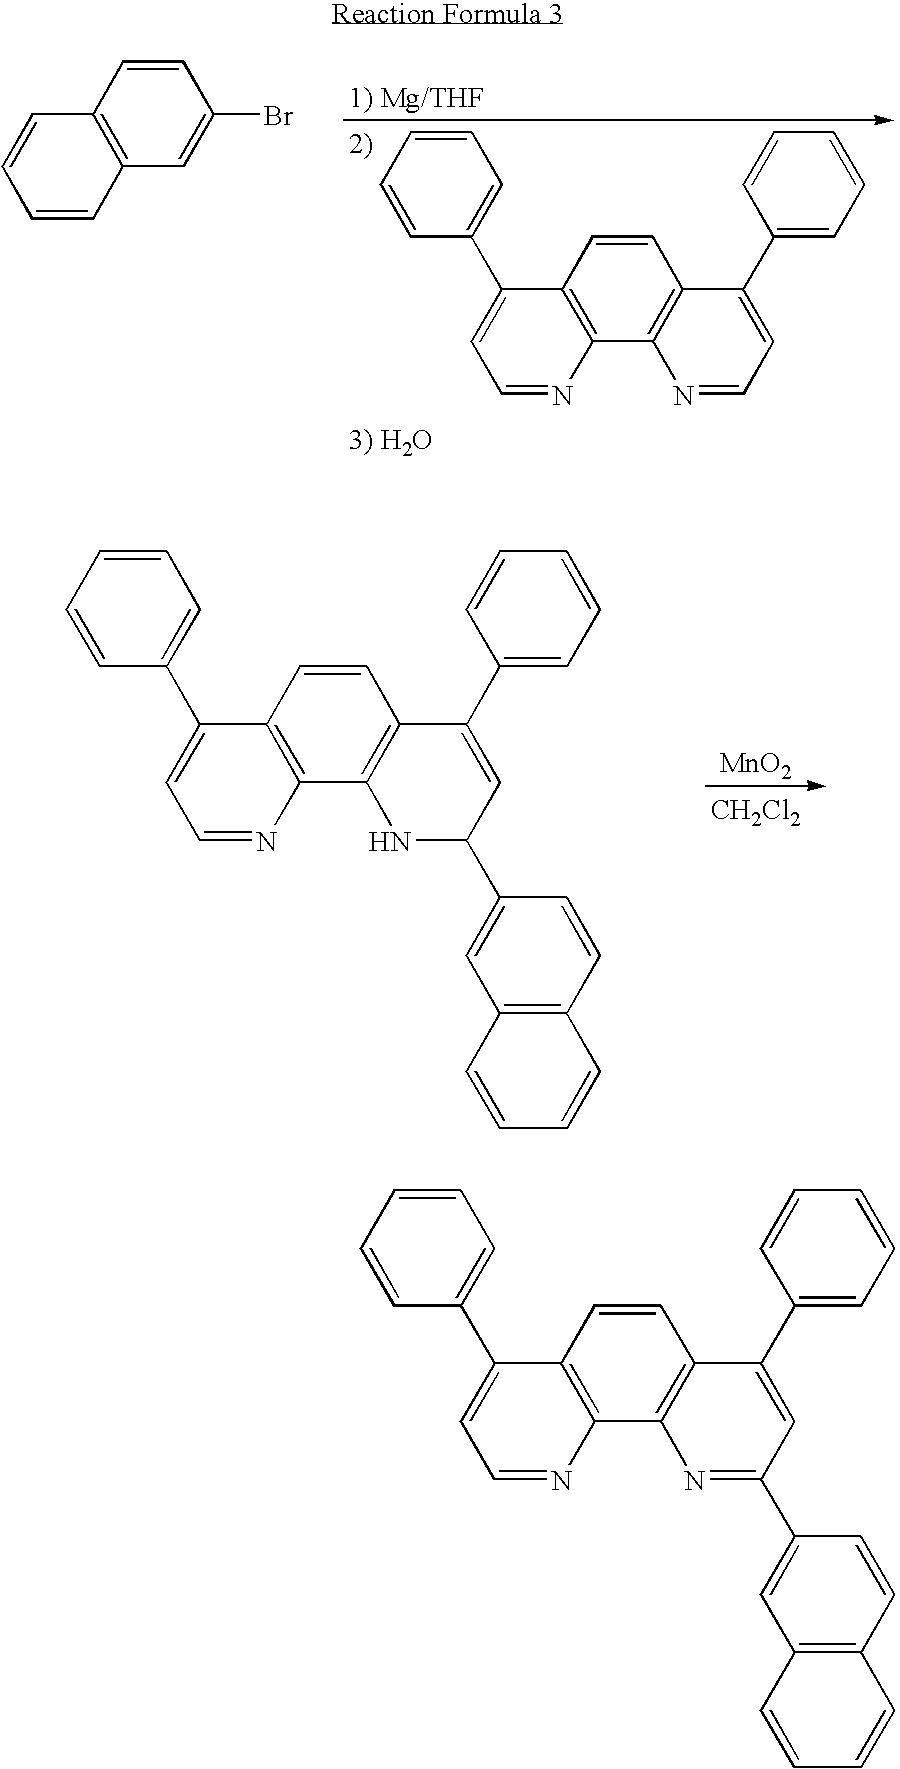 Figure US20070037983A1-20070215-C00022